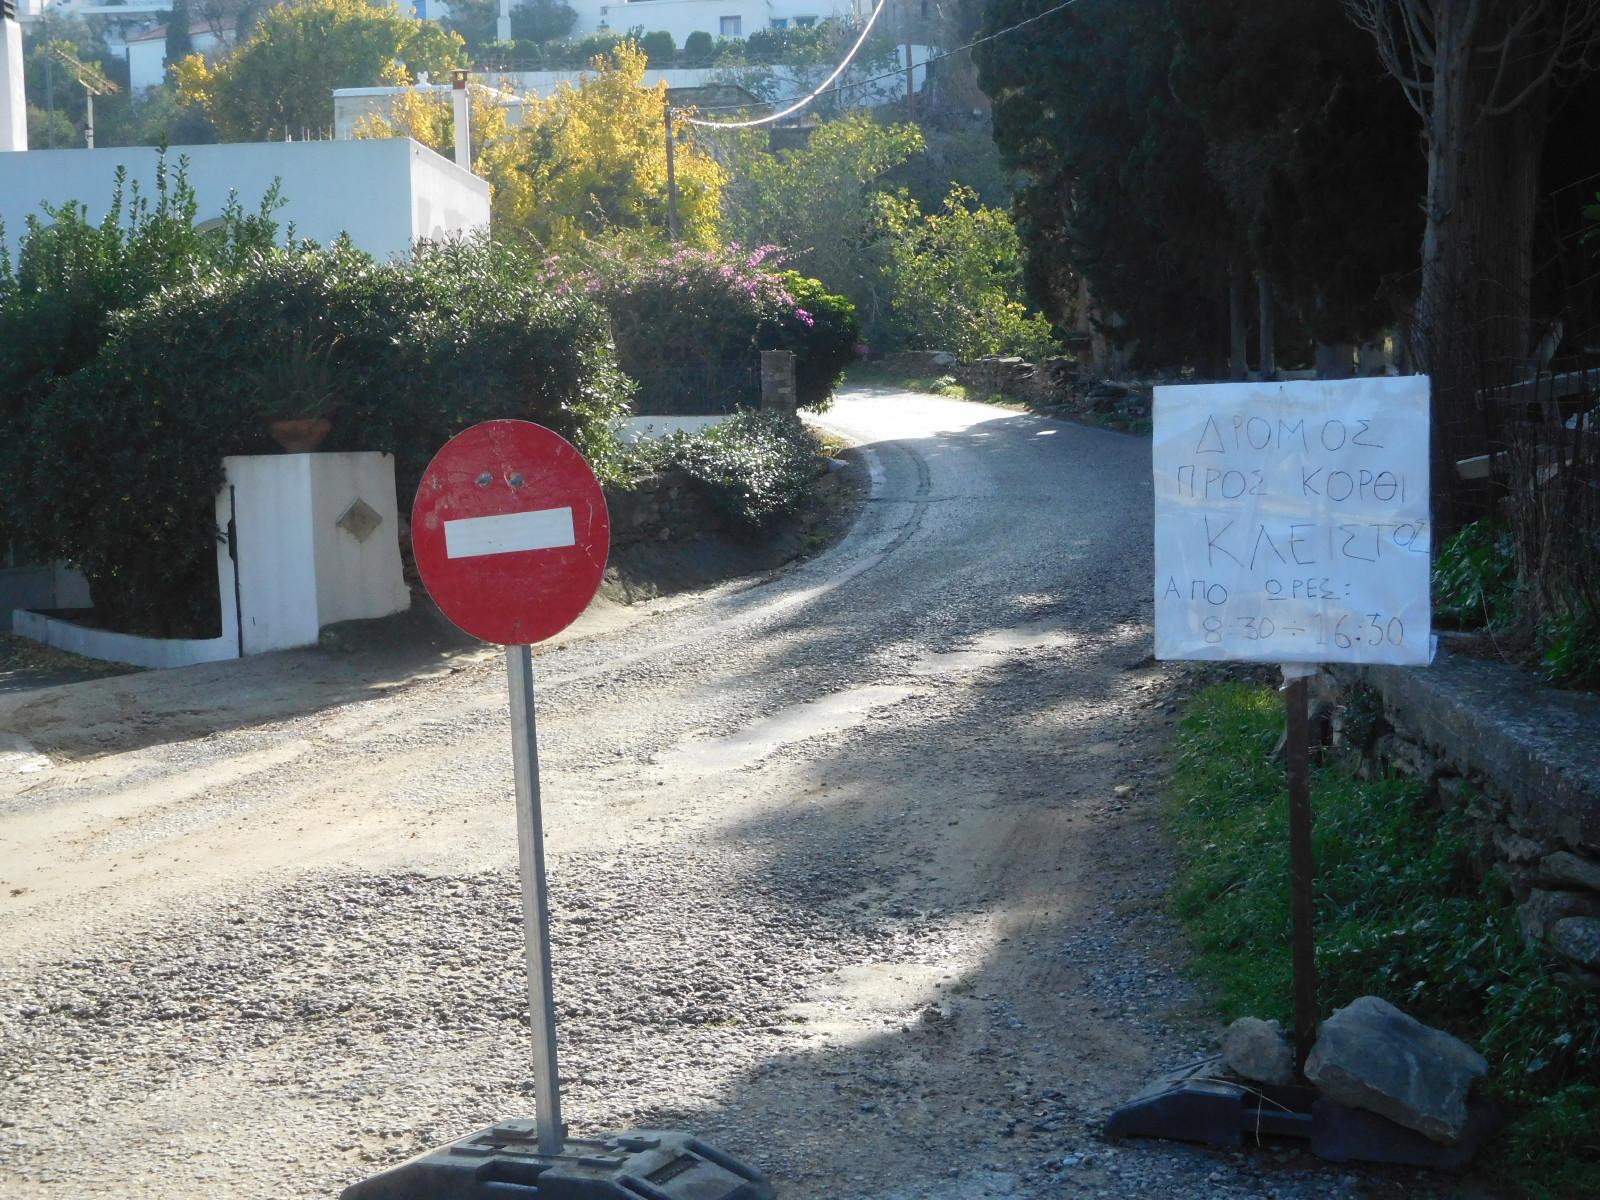 Κλειστός παραμένει ο δρόμος στα Λειβάδια όλη την ερχόμενη εβδομάδα, ρυθμίσεις και στην Μεσαριά